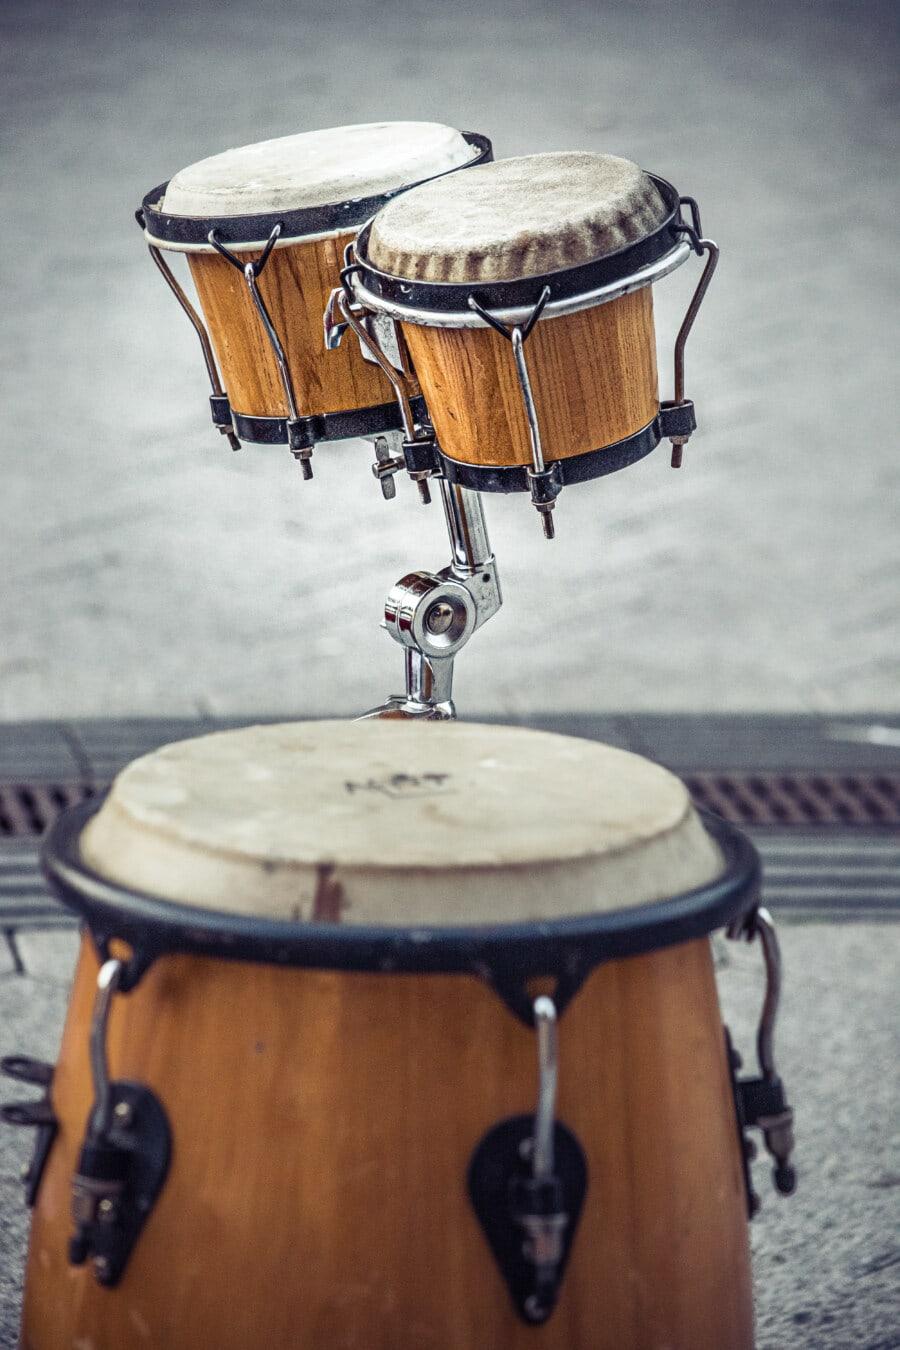 classique, style ancien, tambour, instrument, musique, bois, retro, son, traditionnel, vieux